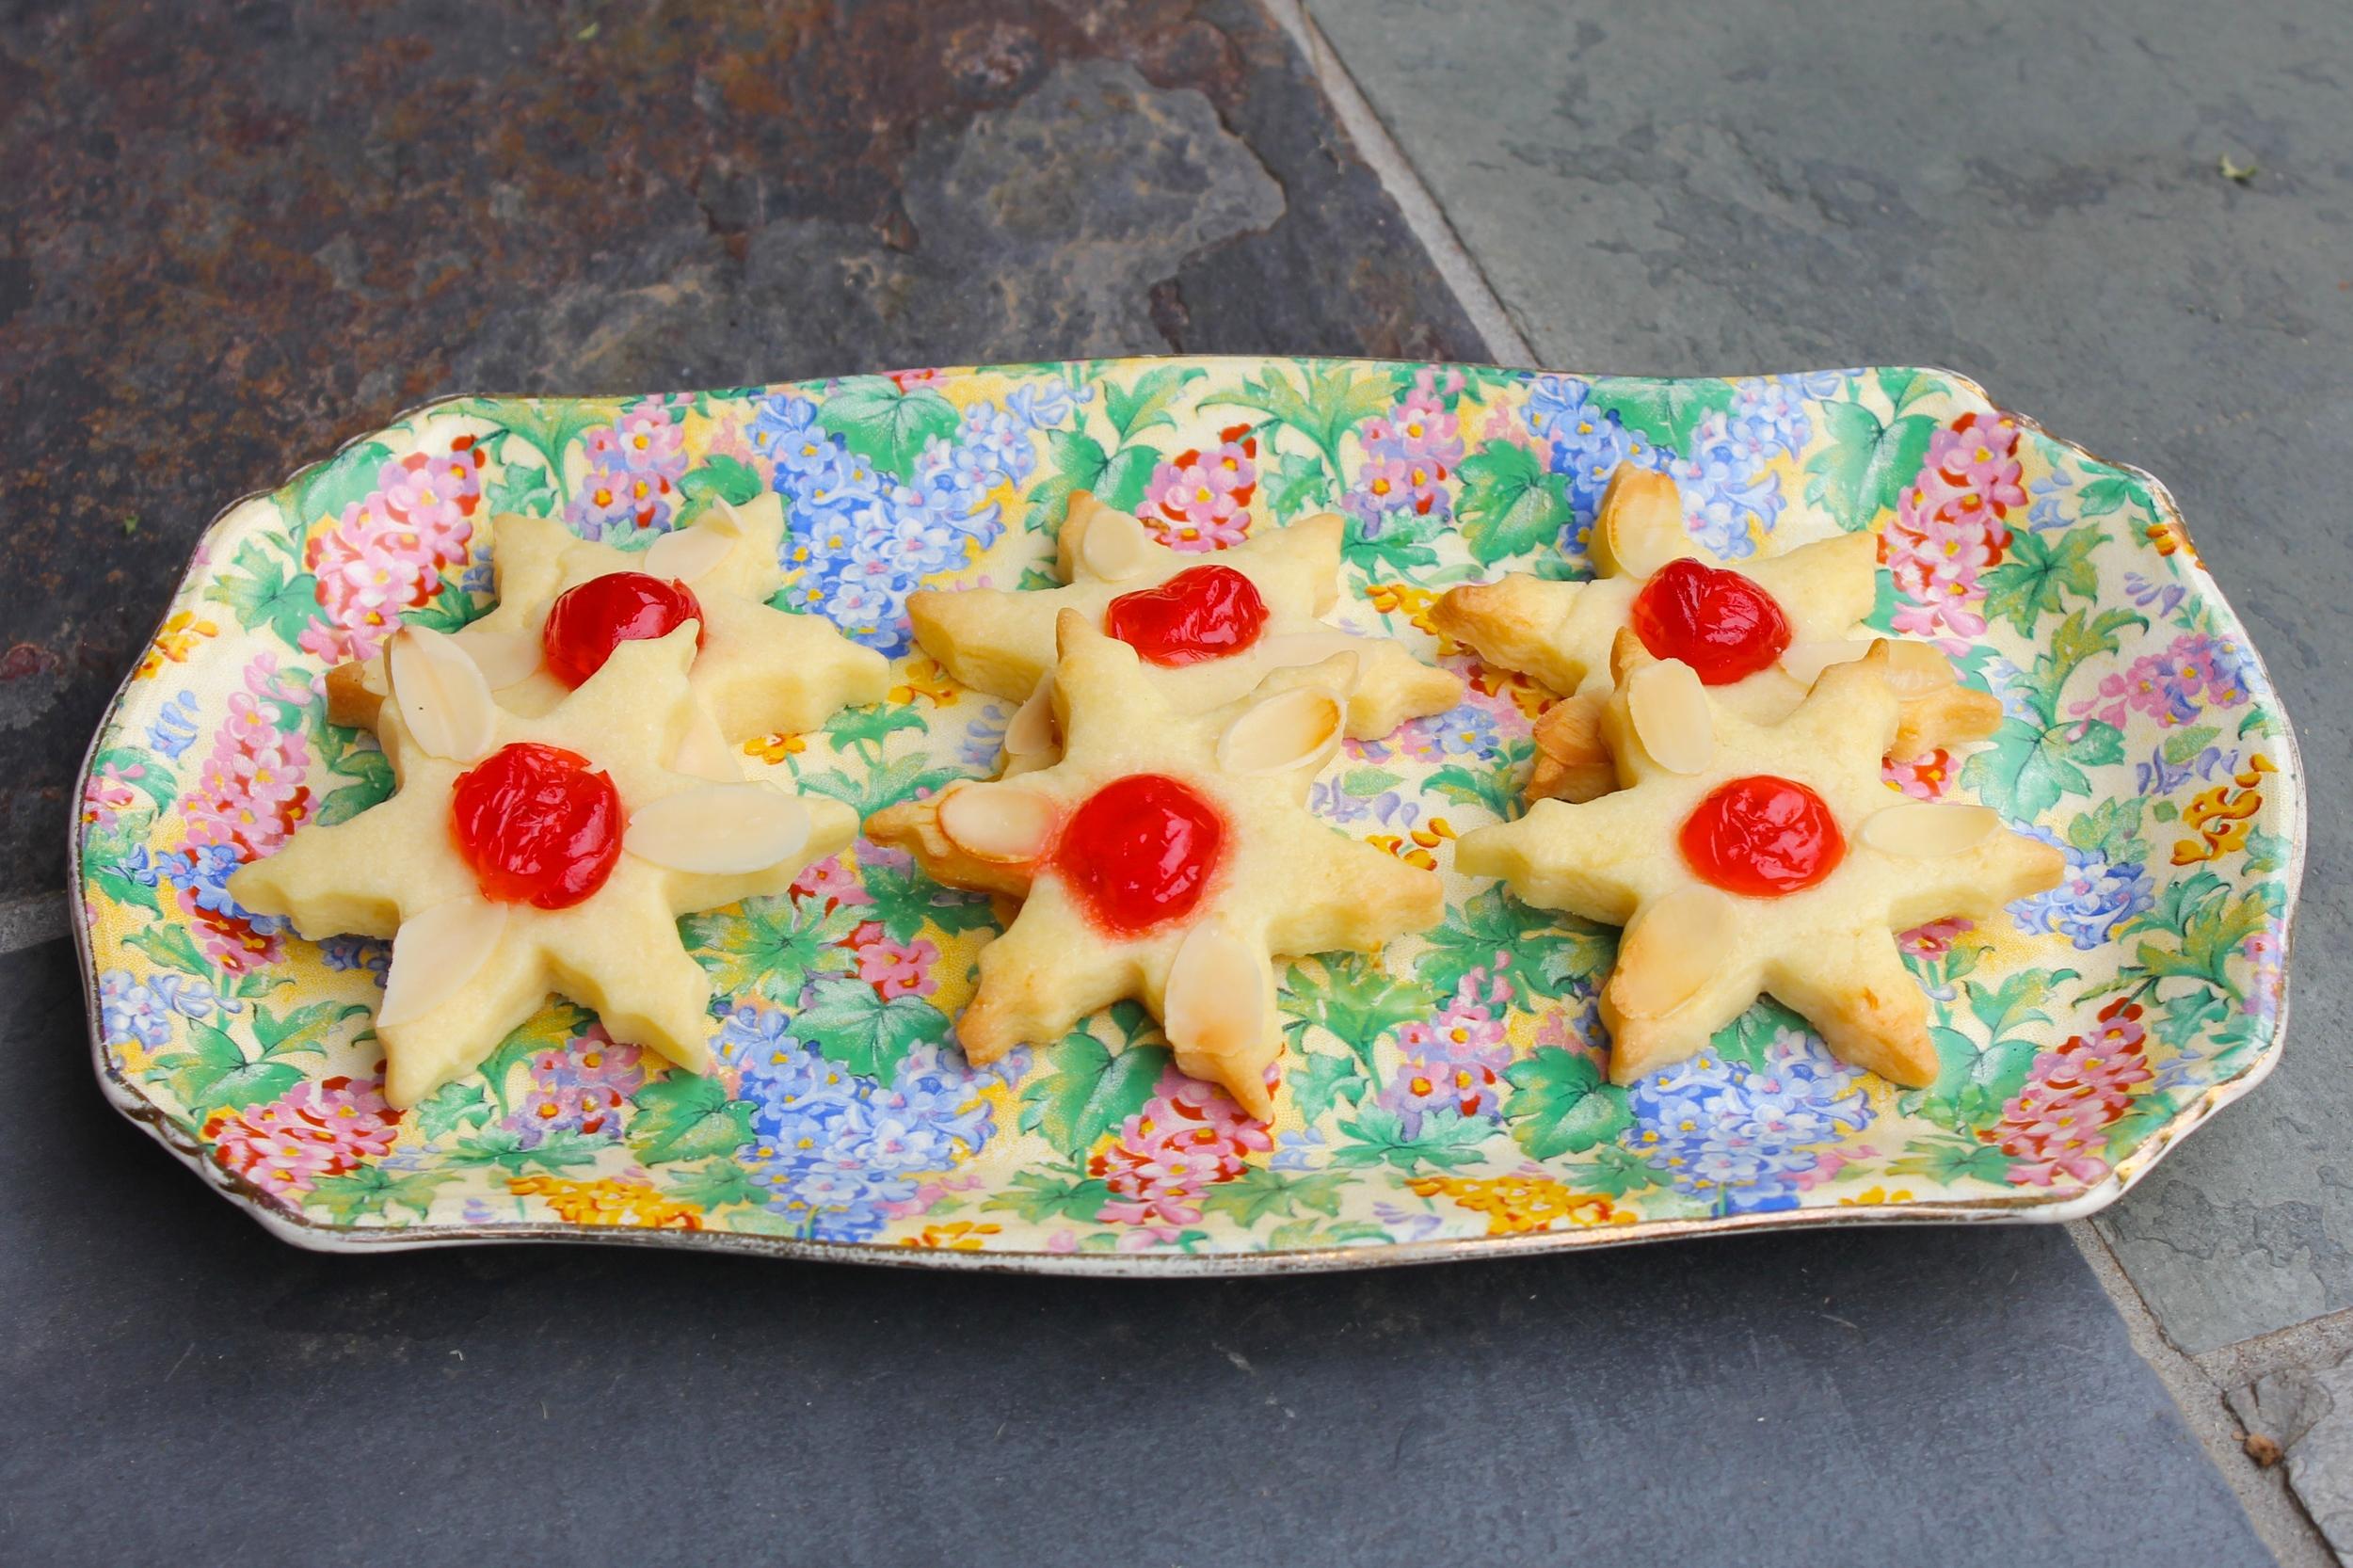 Kerstkransjes - Dutch Wreath Cookies